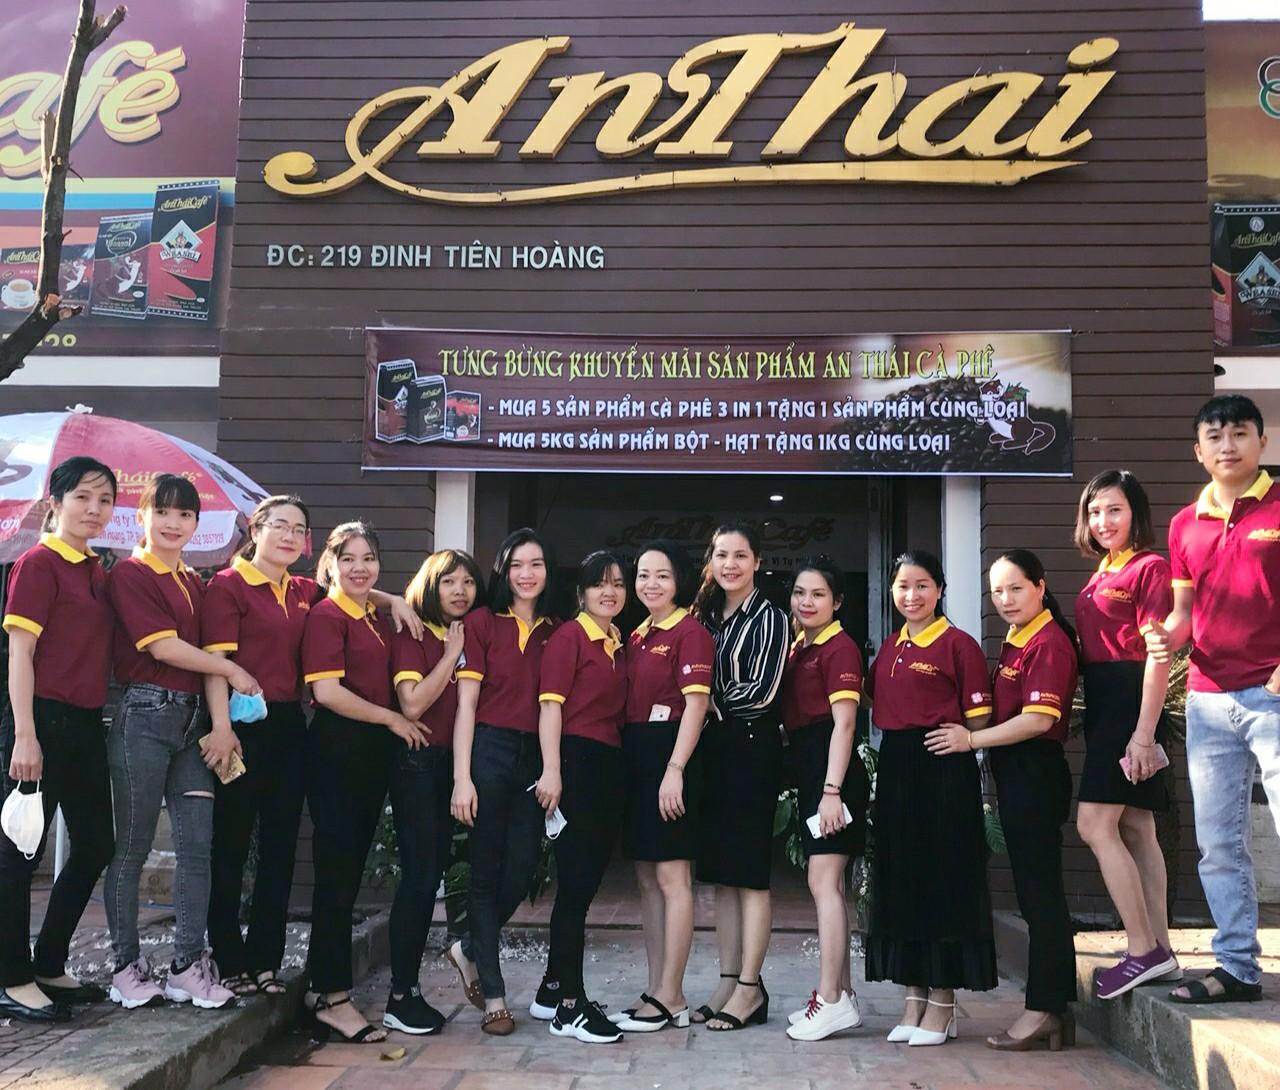 Cán bộ, nhân viên công ty TNHH An Thái